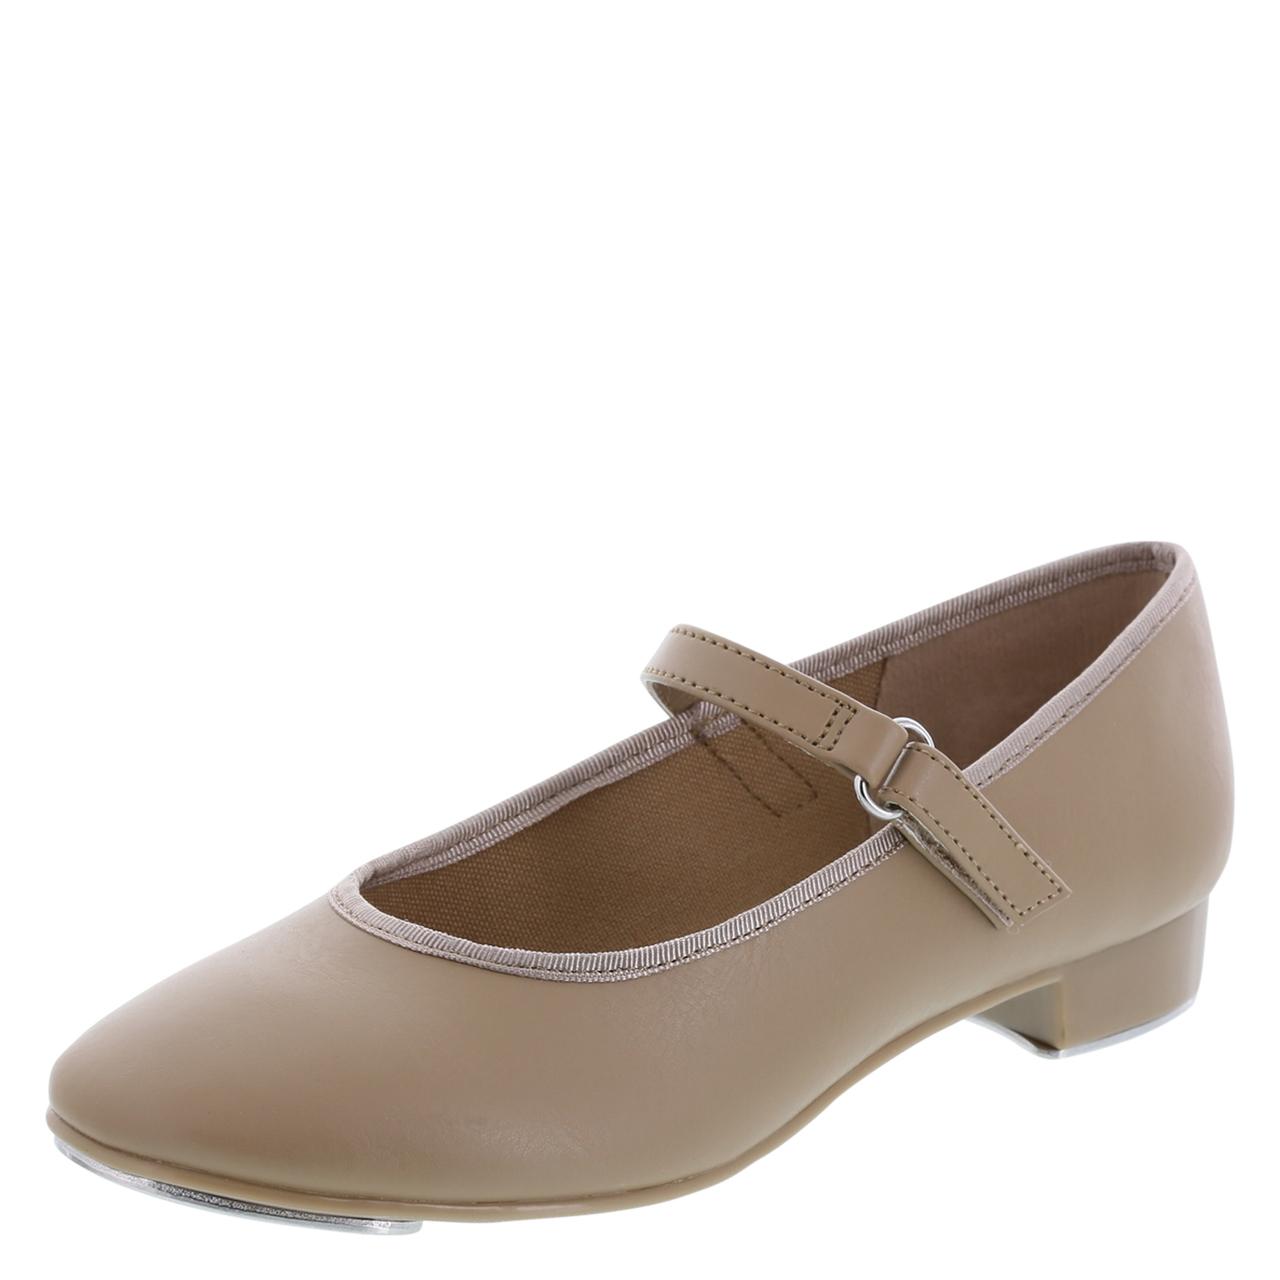 Bloch Ladies Tap On Tan Mary Jane w/ Buckle Tap Shoe